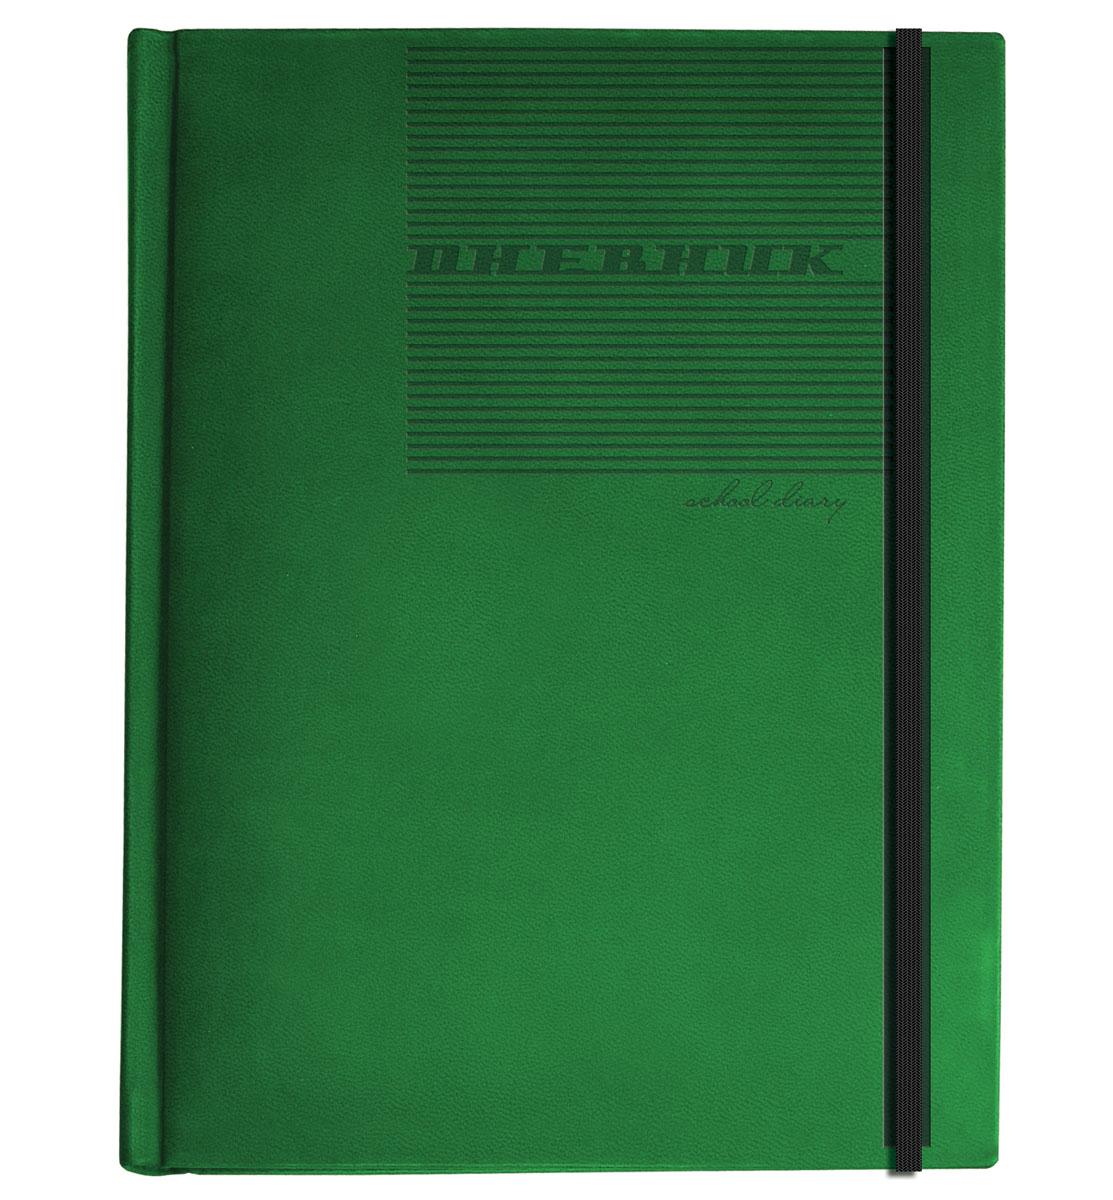 Альт Дневник школьный Megapolis Velvet цвет зеленый72523WDВ премиум-сегменте дневников Альт одни из бессменных хитов - модели Megapolis Velvet. Твердый переплет 17 см х 22 см сделан из итальянских переплетных материалов с прорезиненной фактурой. Графические элементы нанесены методом вдавленного термотиснения. В один цвет с обложкой окрашен тонированный обрез. На первом форзаце обложки находится поле для личных данных ученика. Дневник толщиной 96 листов отвечает всем требованиям системы образования. Тонированные в бежевый цвет страницы имеют плотность не менее 60 грамм. Простоту навигации обеспечивает шелковая закладка-ляссе. В закрытом виде дневник удерживает эластичная черная резинка. На внутреннем развороте находится удобный конверт для записок и других мелочей.